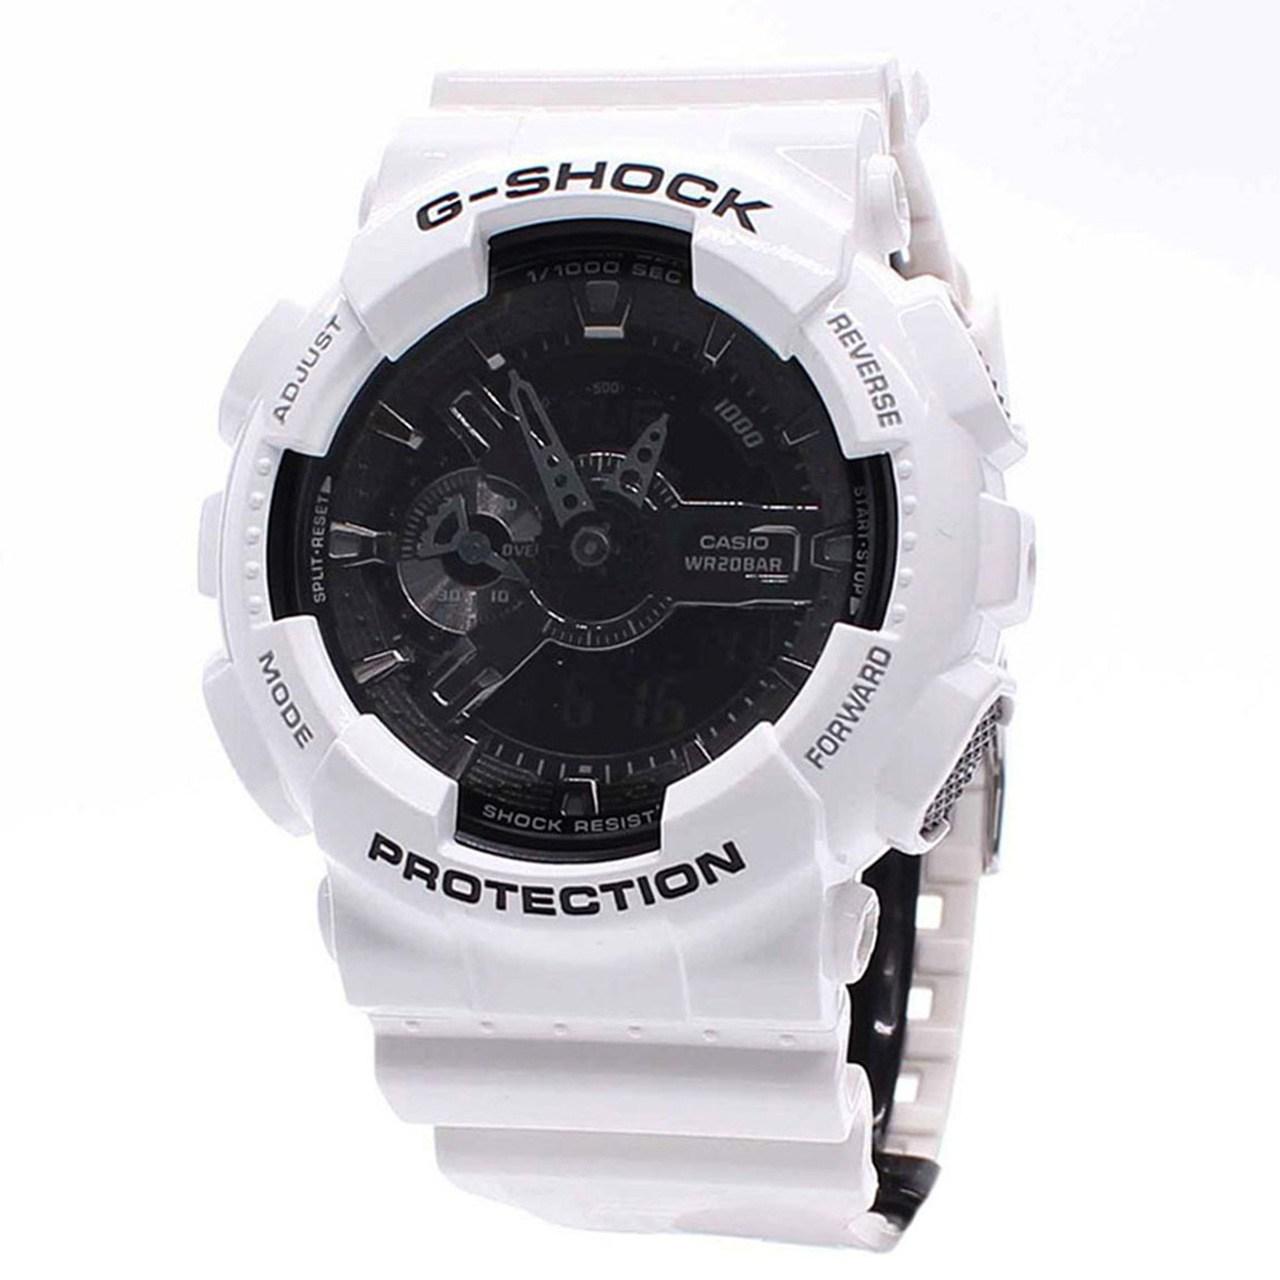 ساعت  کاسیو سری جی شاک مدل GA-110GW-7ADR مناسب برای آقایان